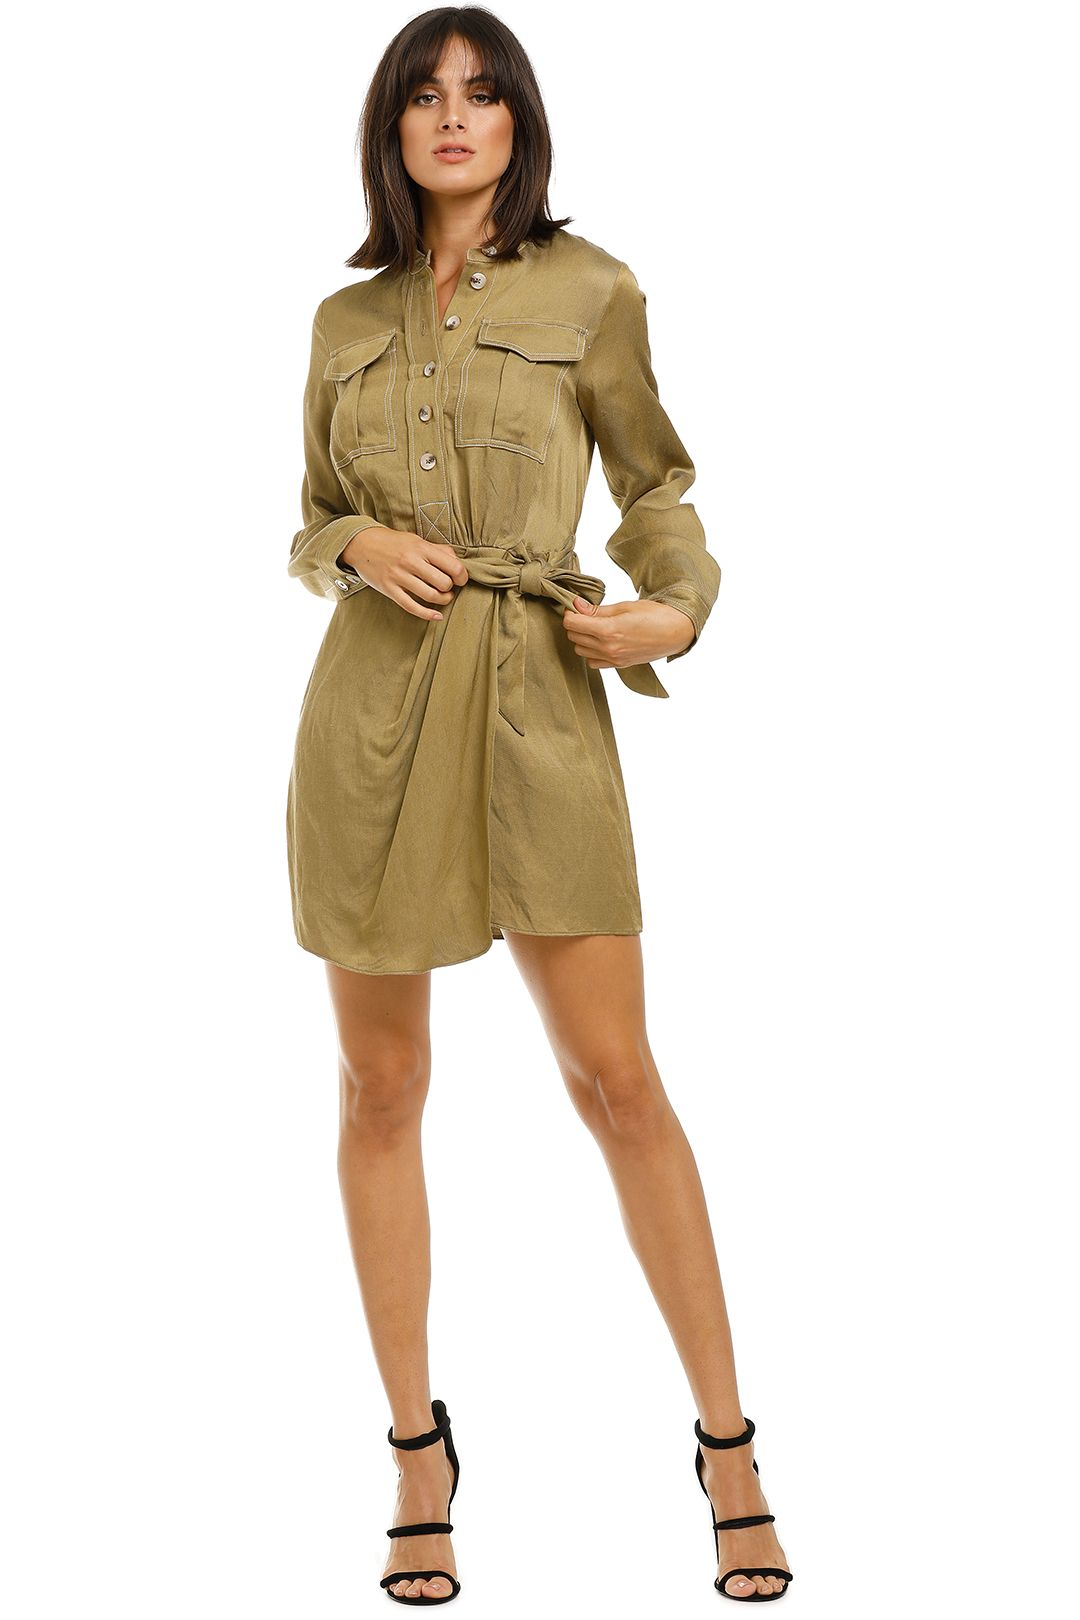 Shona-Joy-Ellington-Draped-Mini-Shirt-Dress-Front